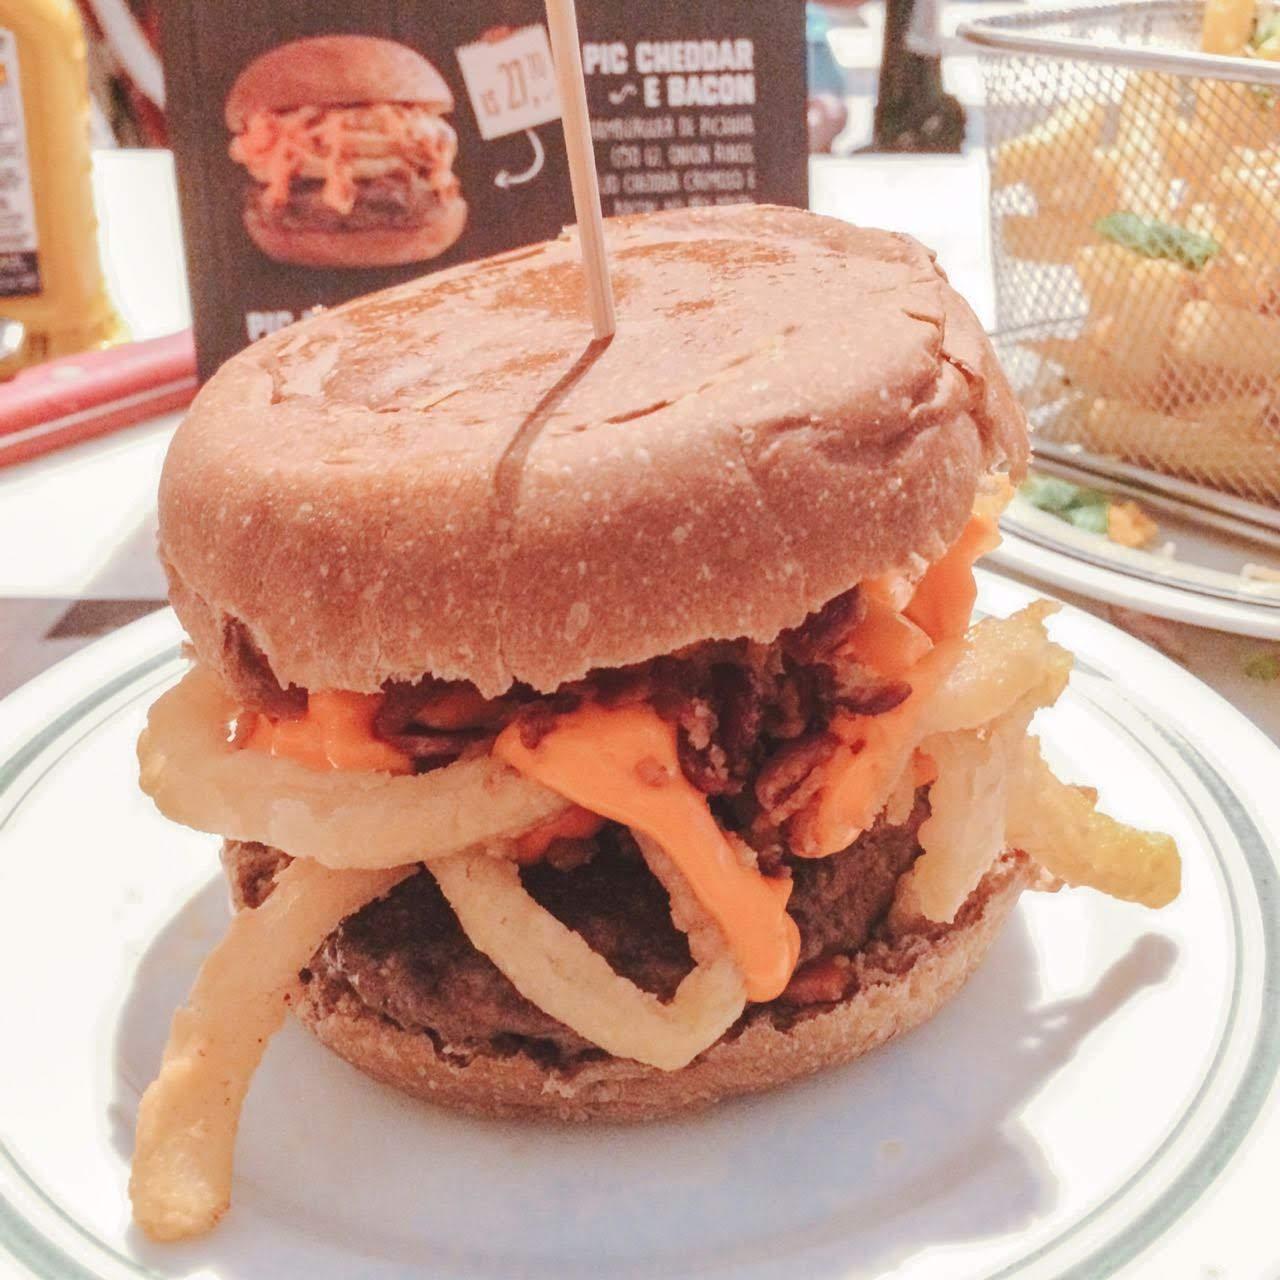 The Fifties Comemora 25 Anos | Com Três Hambúrgueres Novos Pic Cheddar E Bacon